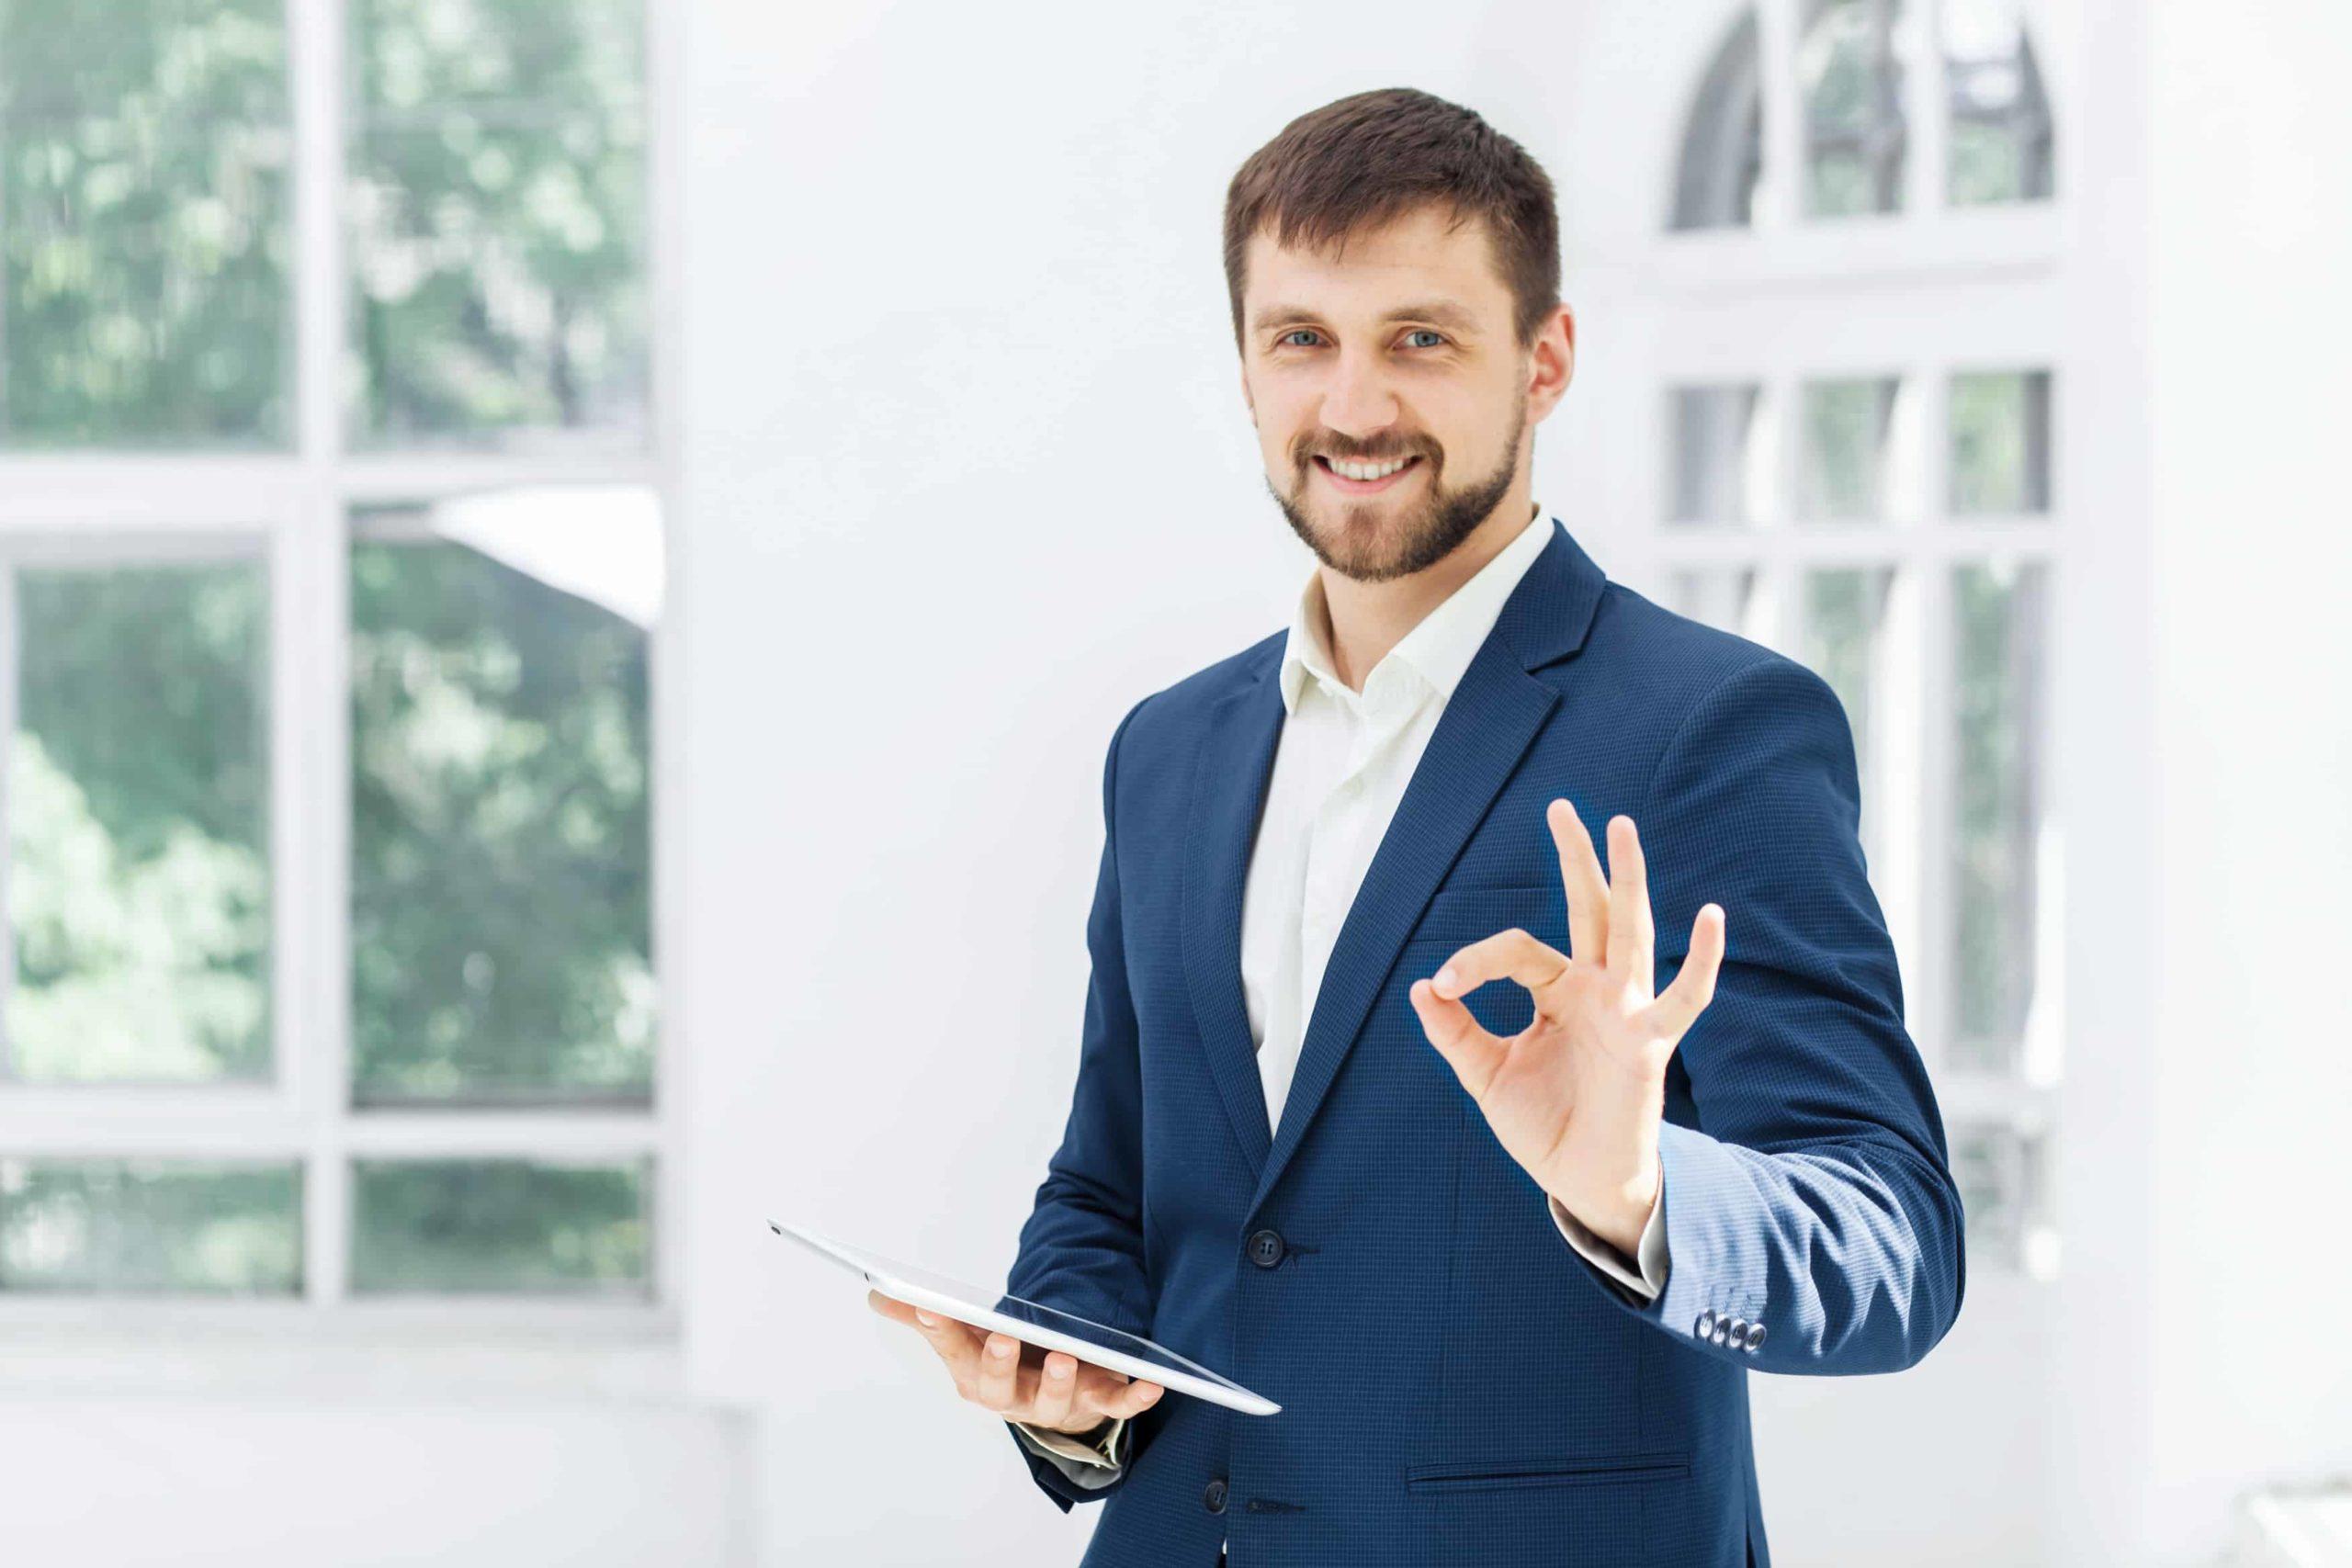 L'importance d'un logiciel de planification dans la gestion des plannings des salariés